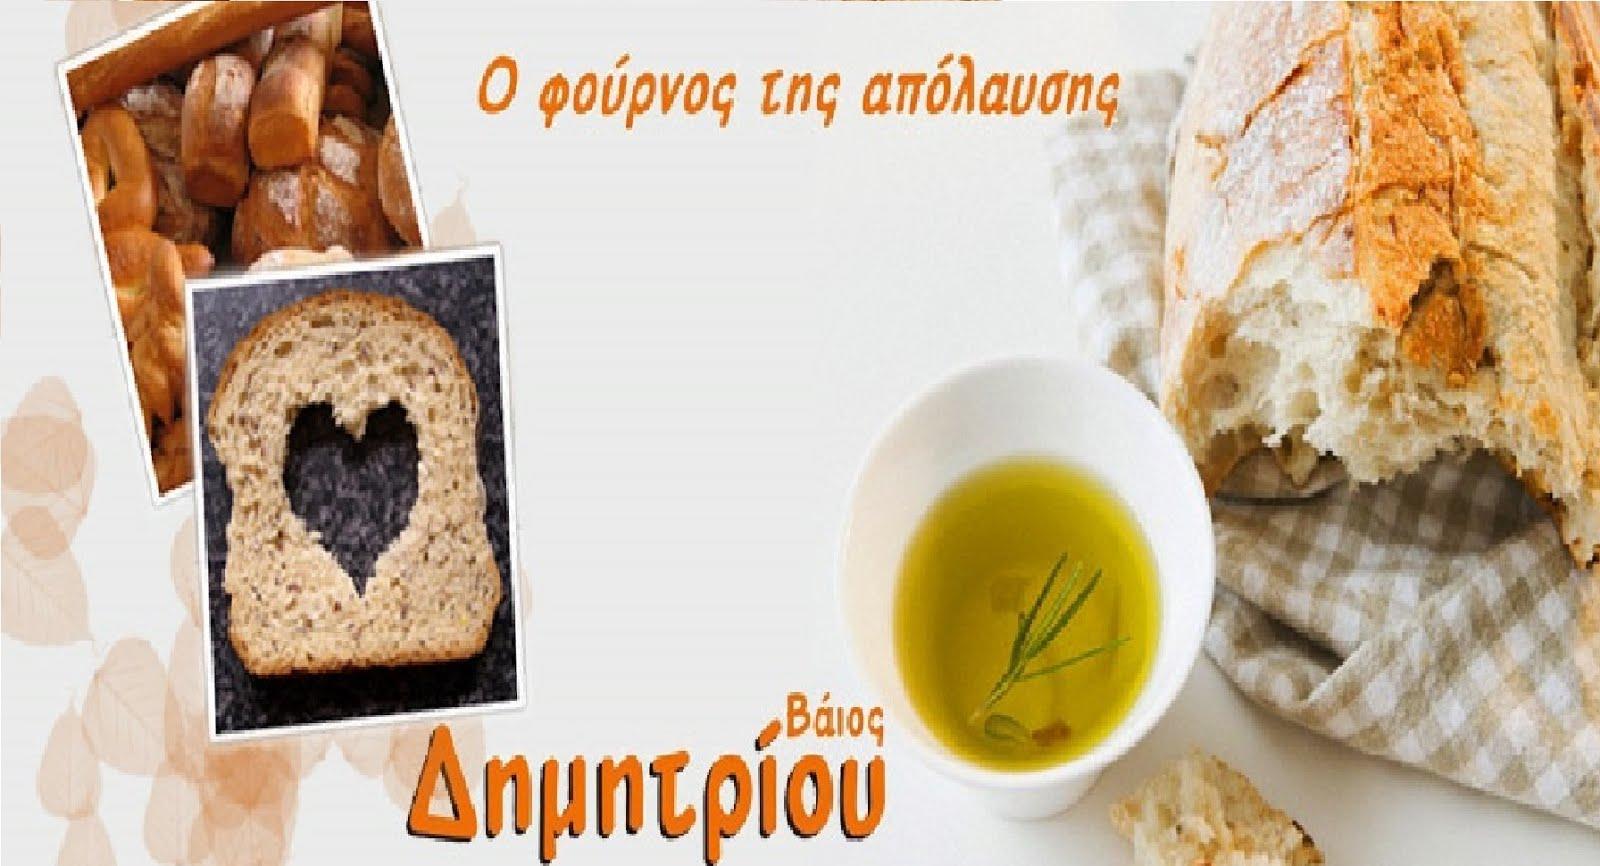 ΦΟΥΡΝΟΣ - SPORTS CAFE